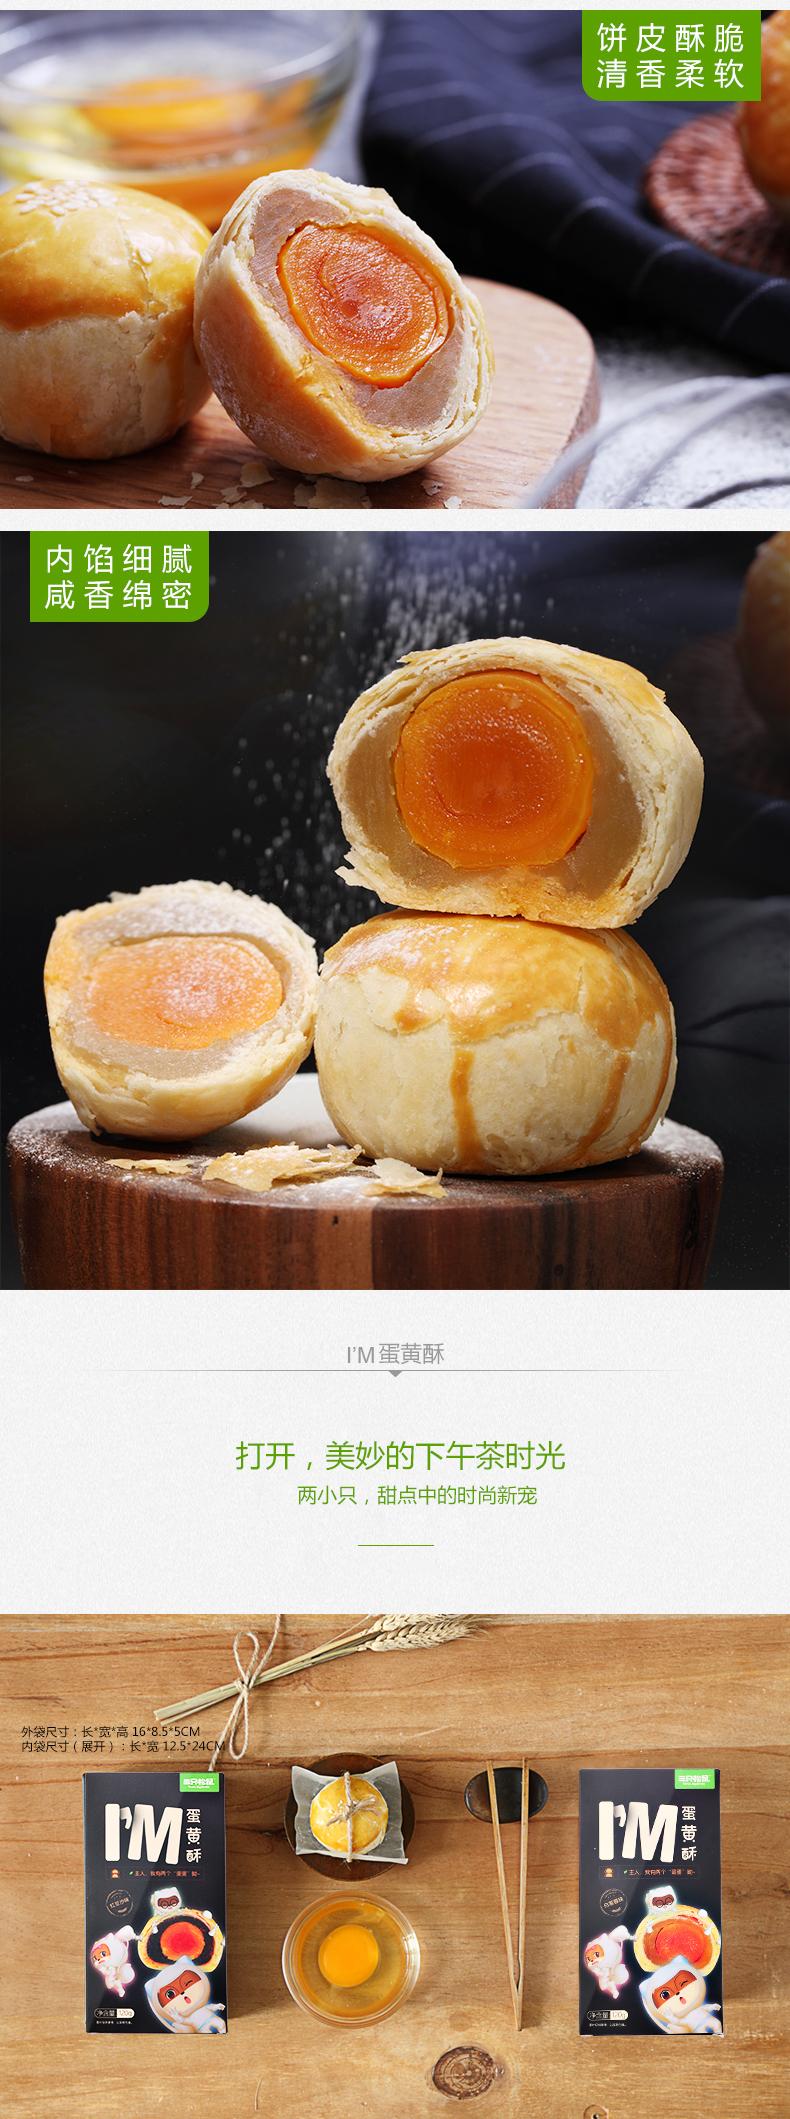 Chinese Food Snacks Pastry Danhuangsu 中国零食华人食品小吃 杭州老字号糕点点心雪媚娘蛋黄酥包邮 知味观蛋黄酥100g//盒